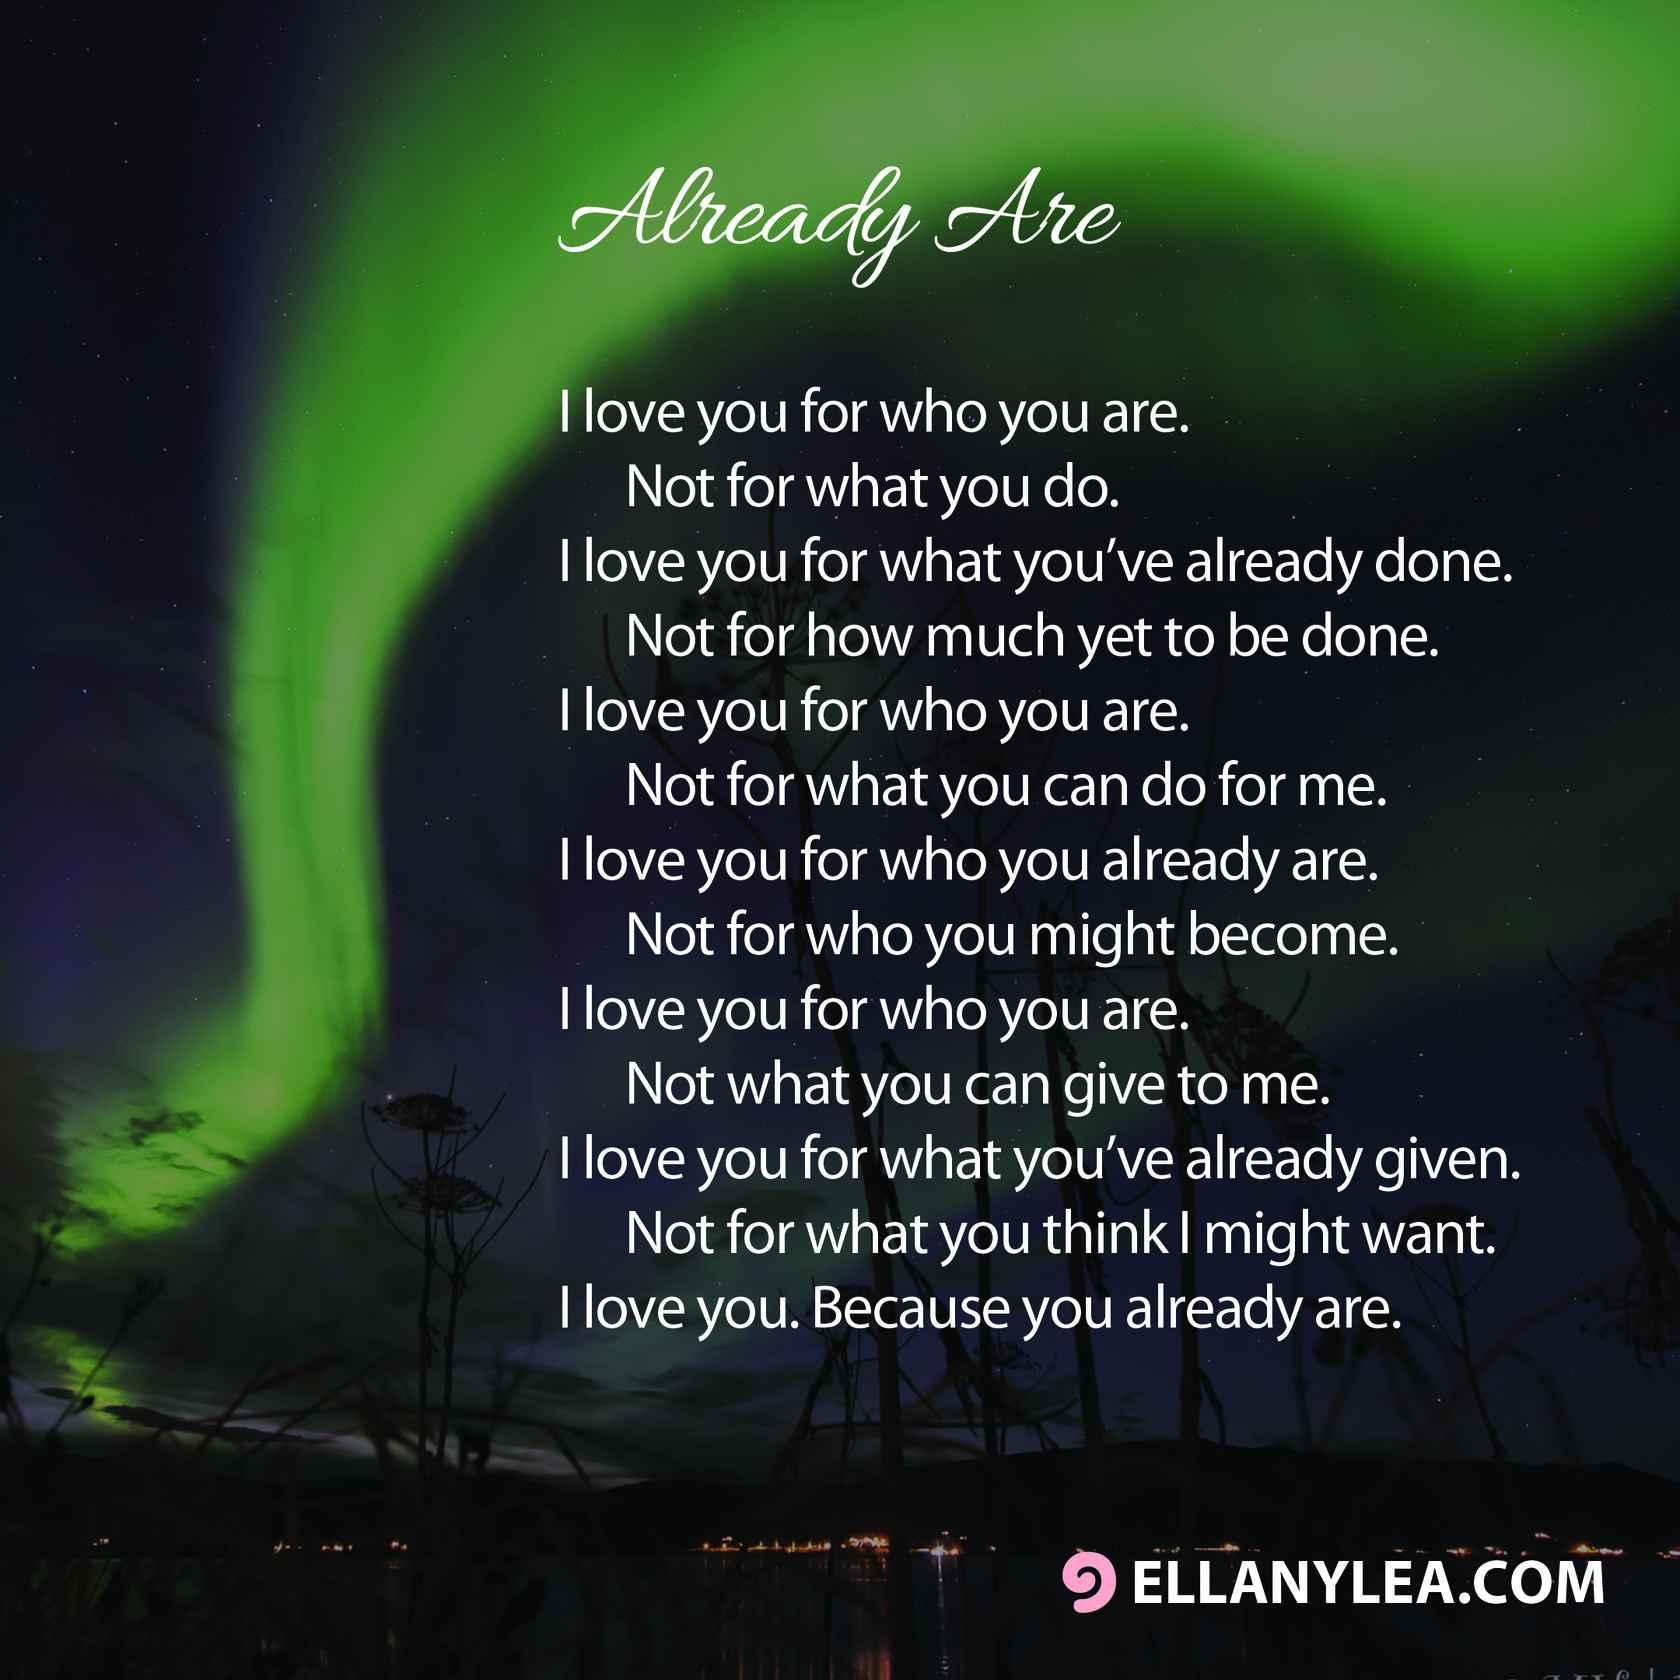 Ellany-Lea-Poem-Already-Are